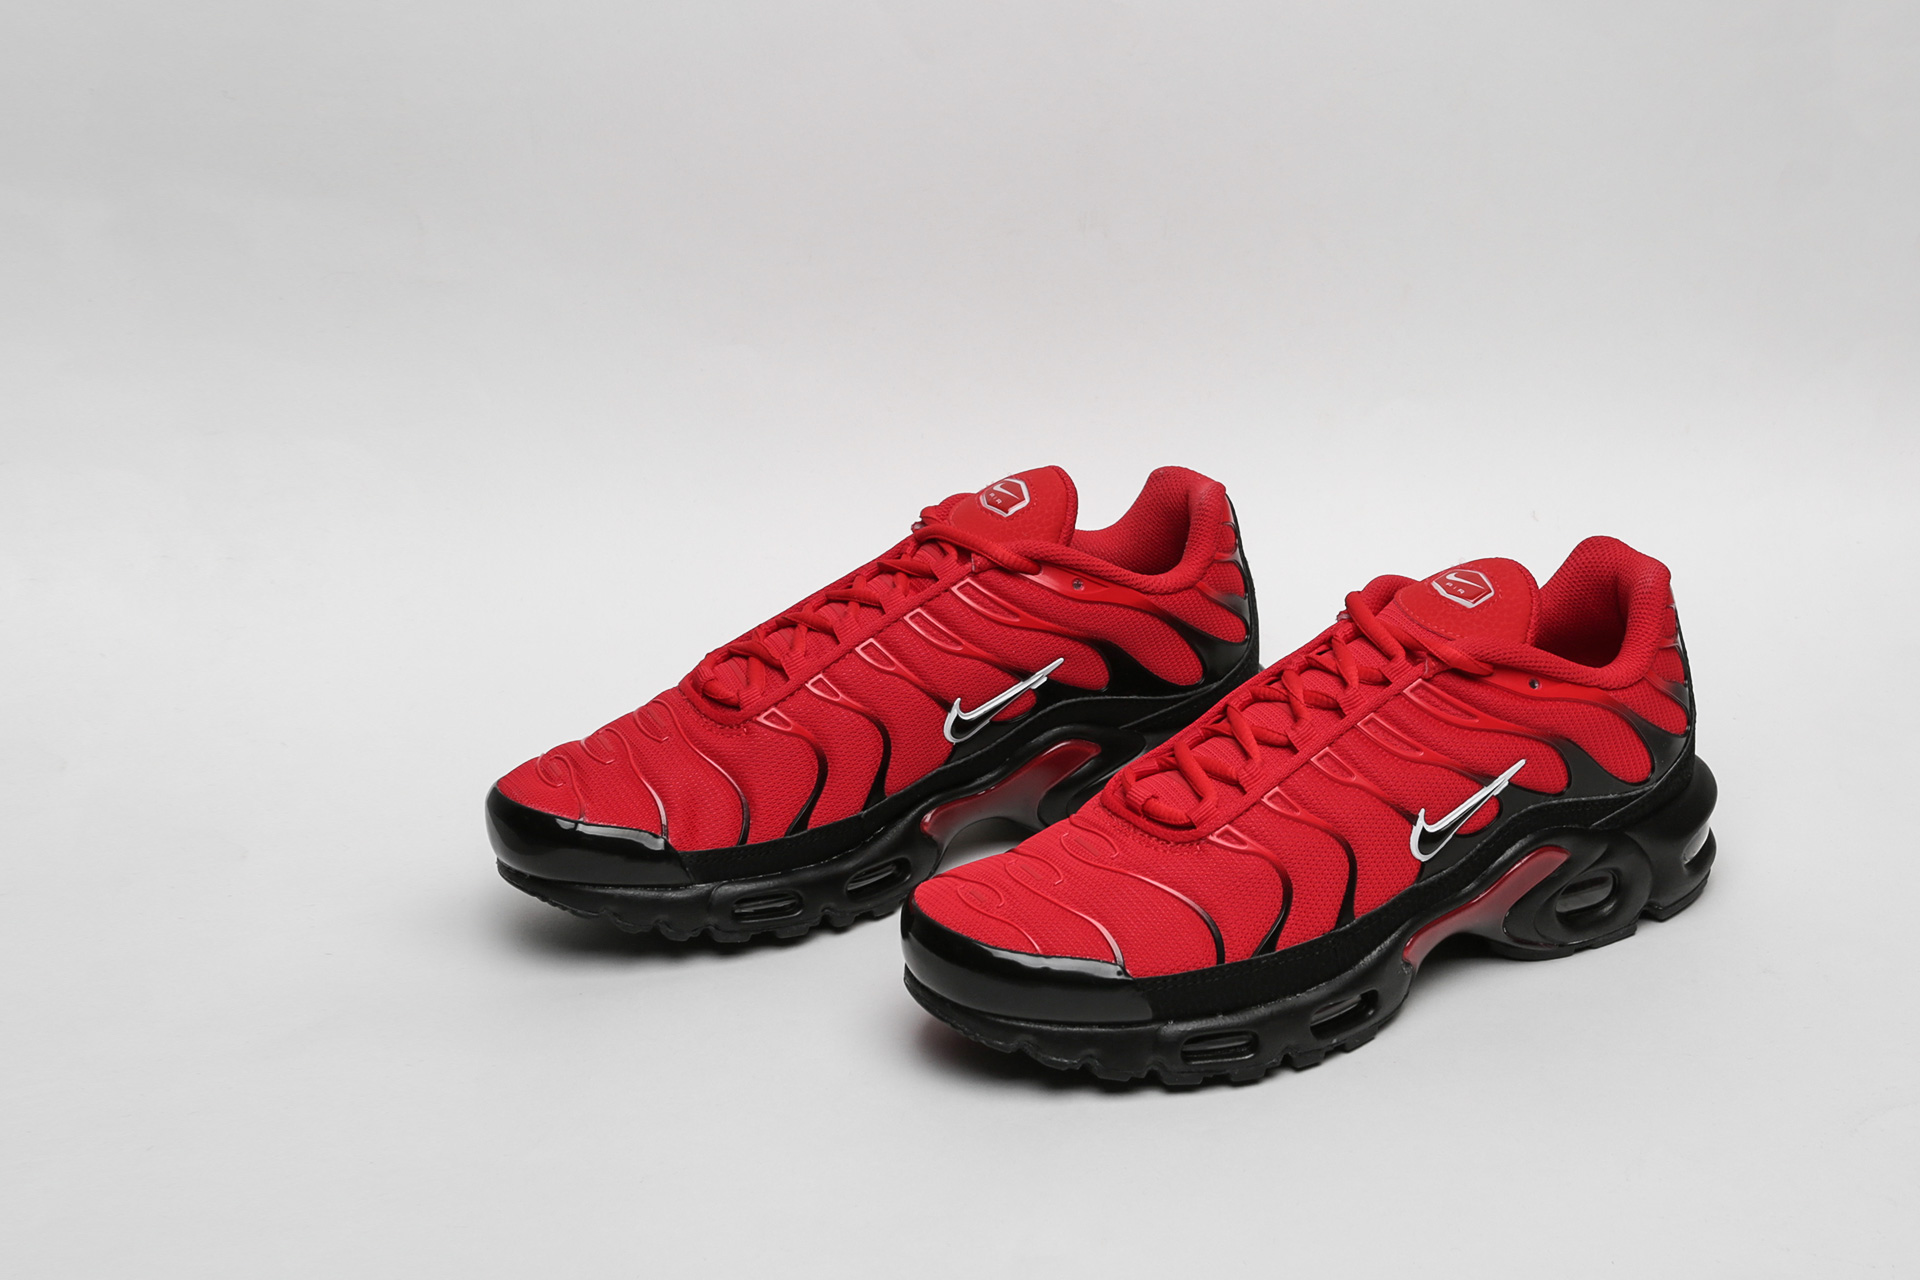 04aa4115 ... Купить мужские красные кроссовки Nike Air Max Plus - фото 4 картинки ...